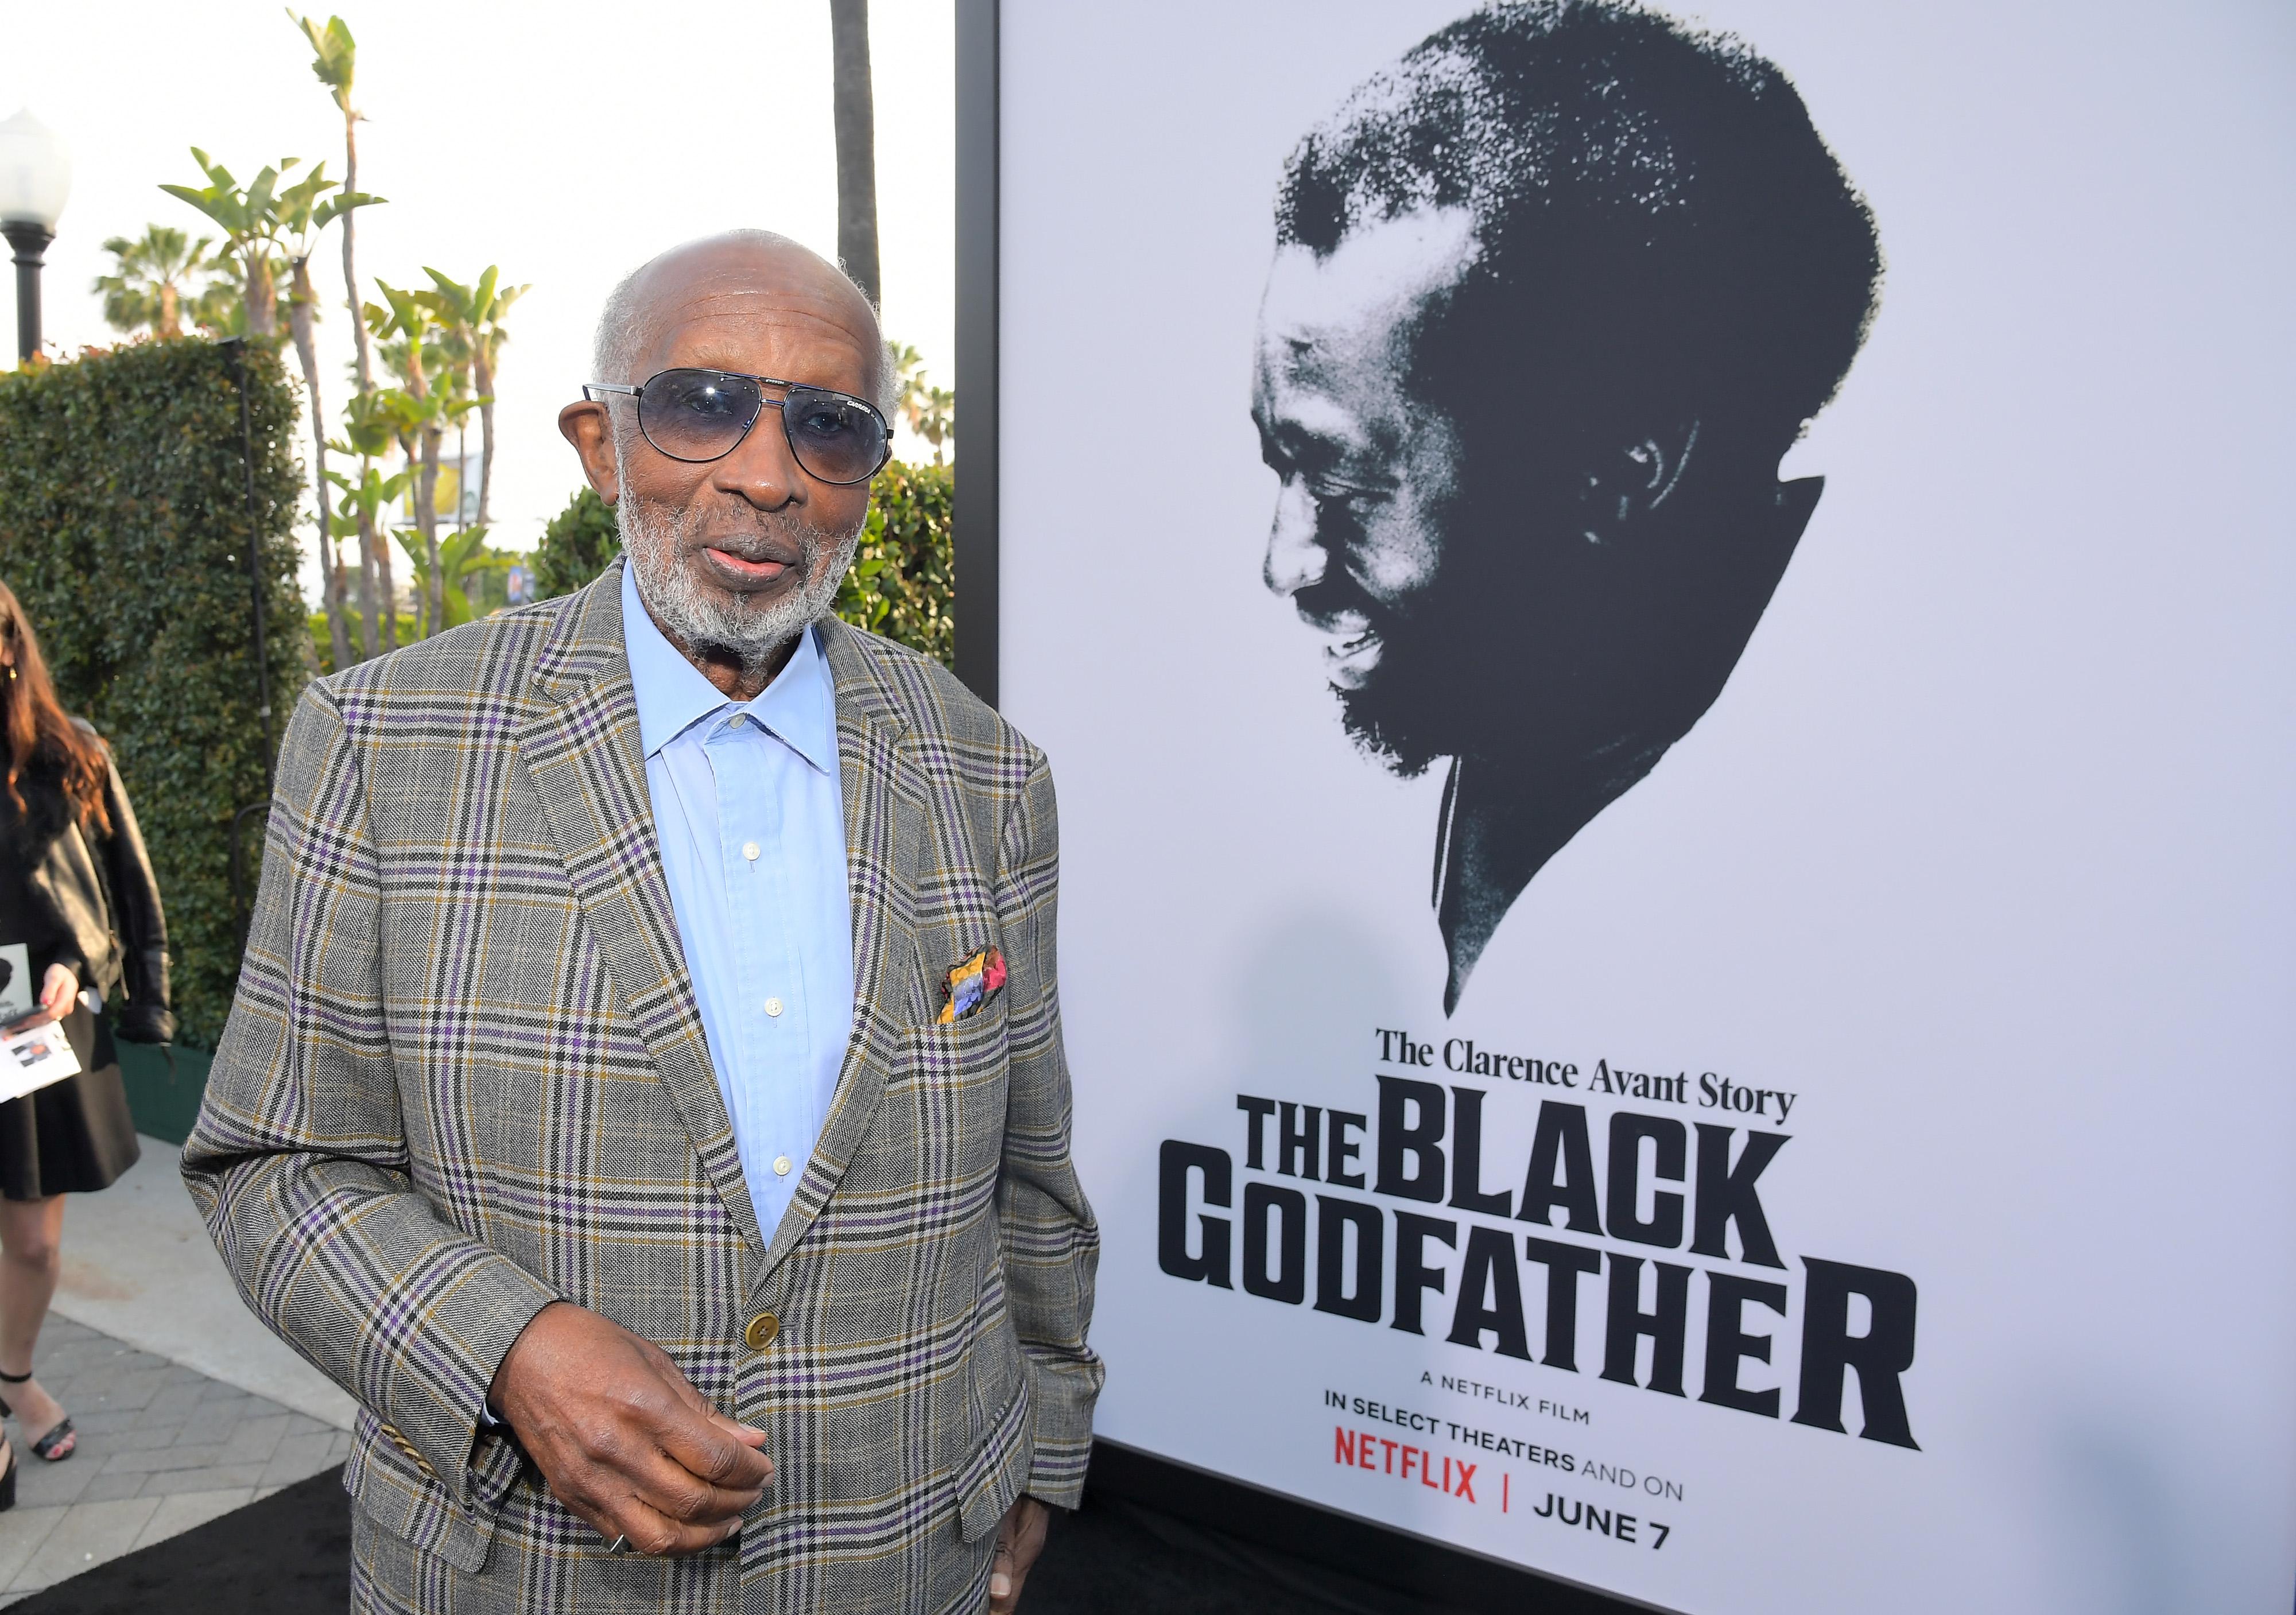 The Black Godfather Director Reginald Hudlin Unmasks An Icon